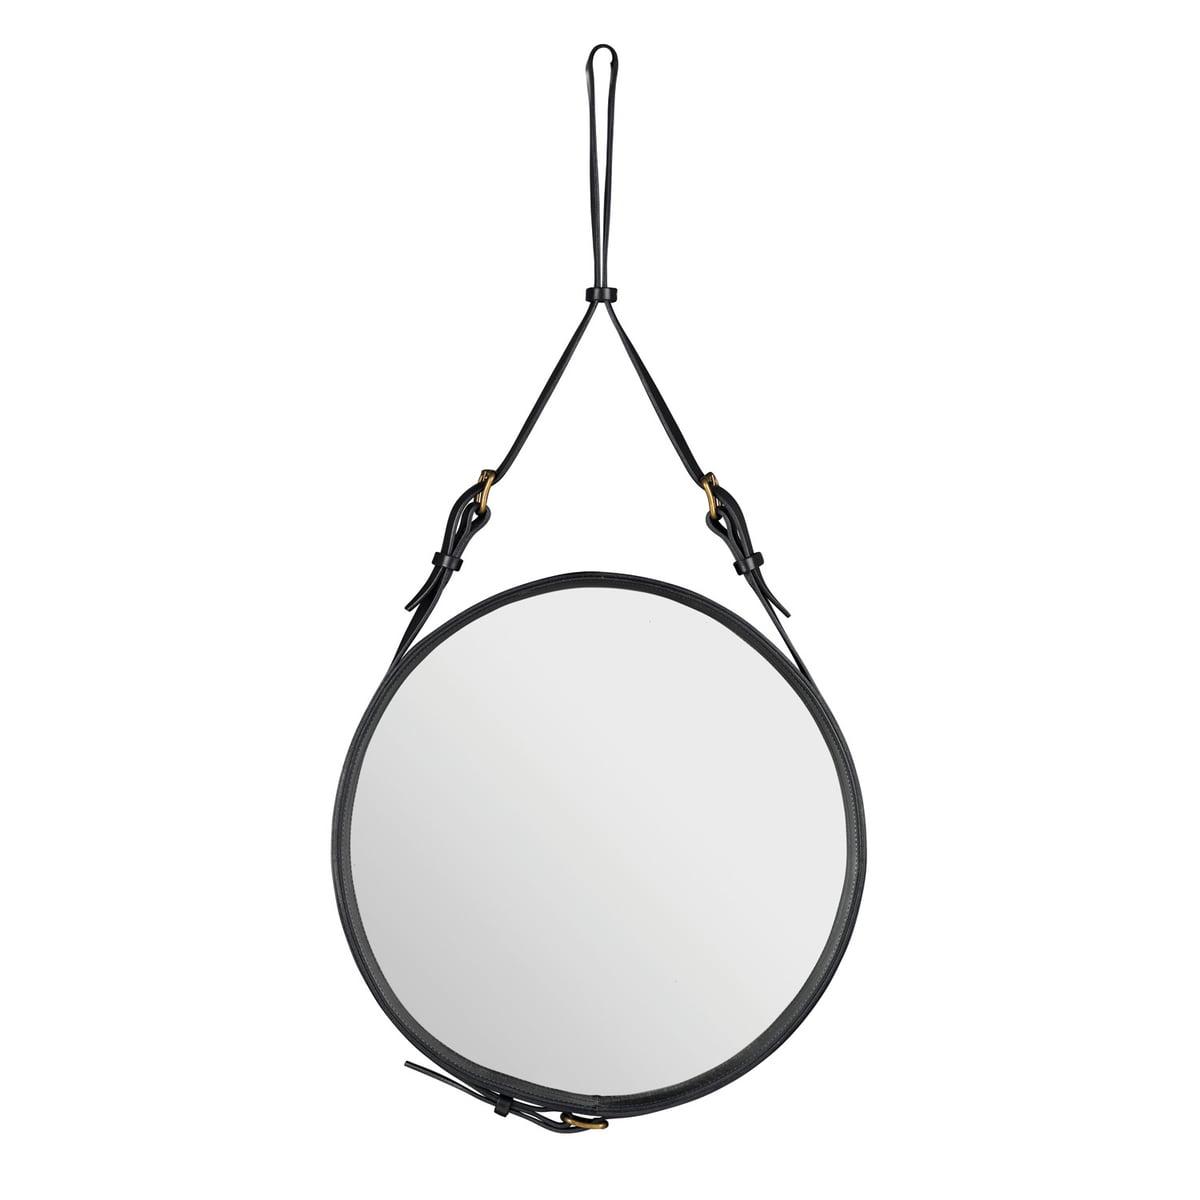 Gubi - Adnet Spiegel Ø 58 cm, schwarz | Flur & Diele > Spiegel | Basic dark | Holz -  metall -  leder und verspiegeltes glas | Gubi